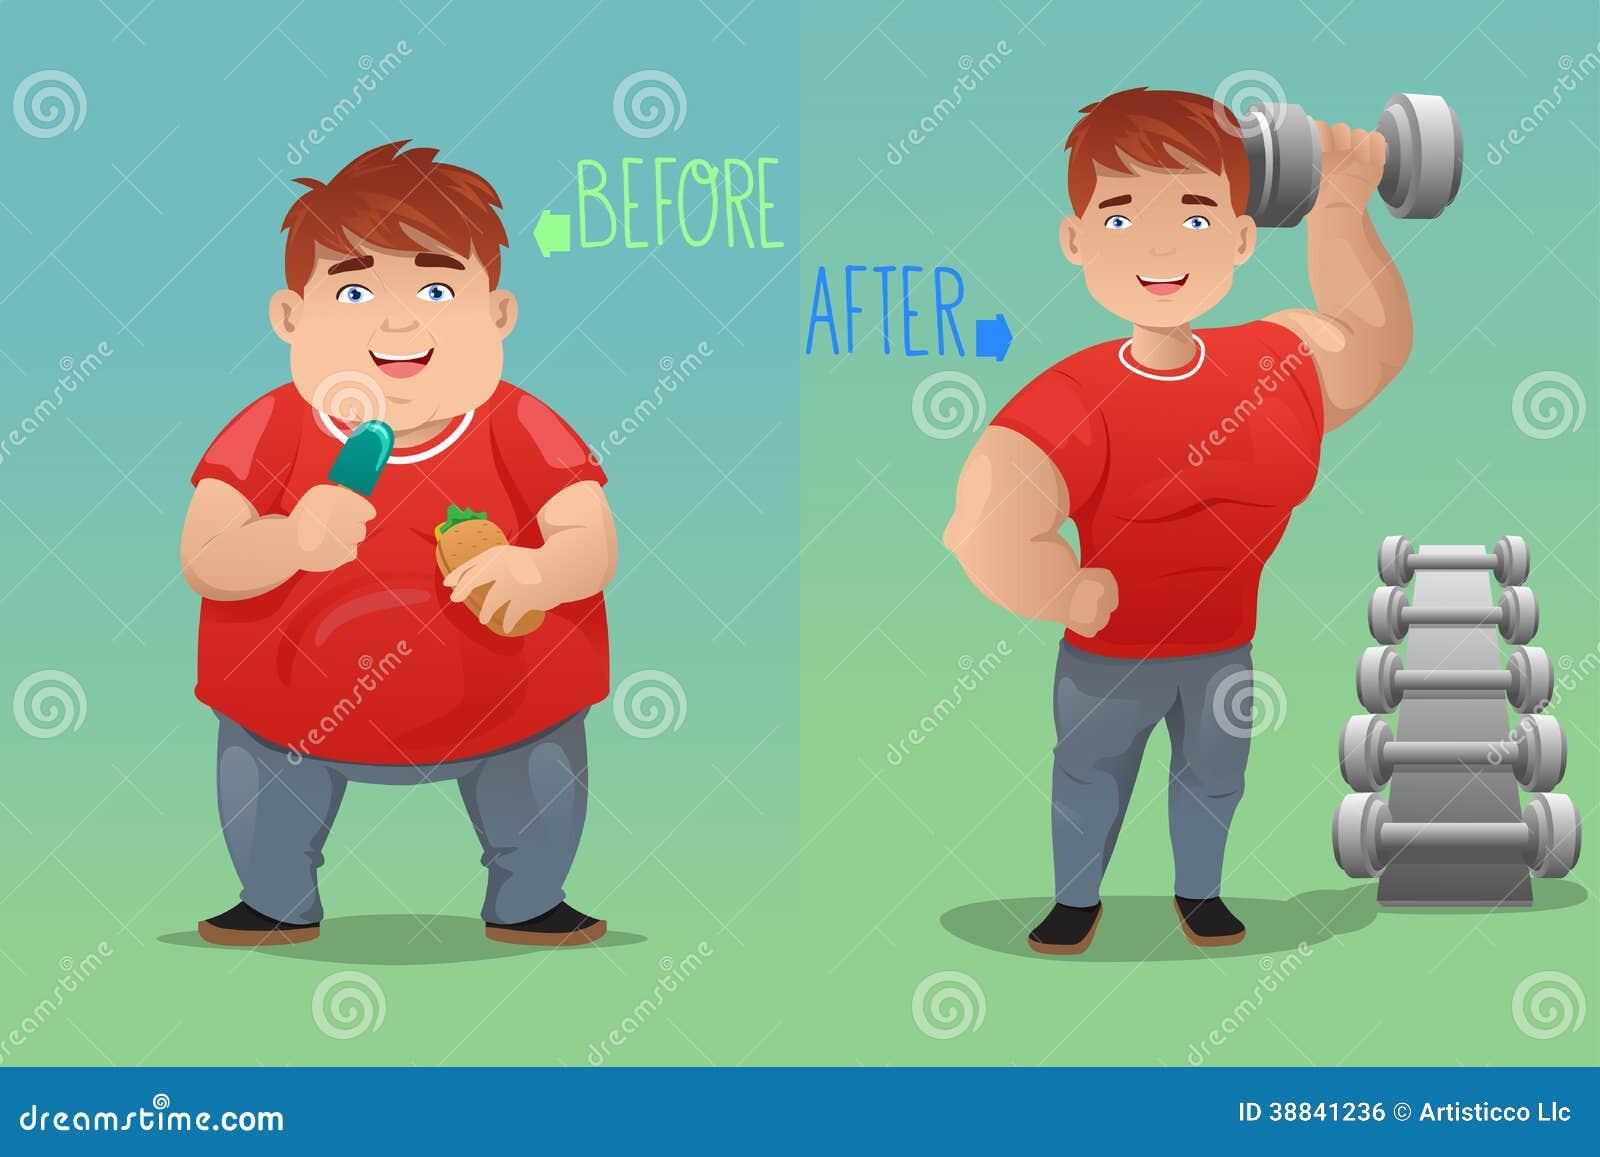 Bastante q comer para bajar de peso en una semana semana, recomienda realizar